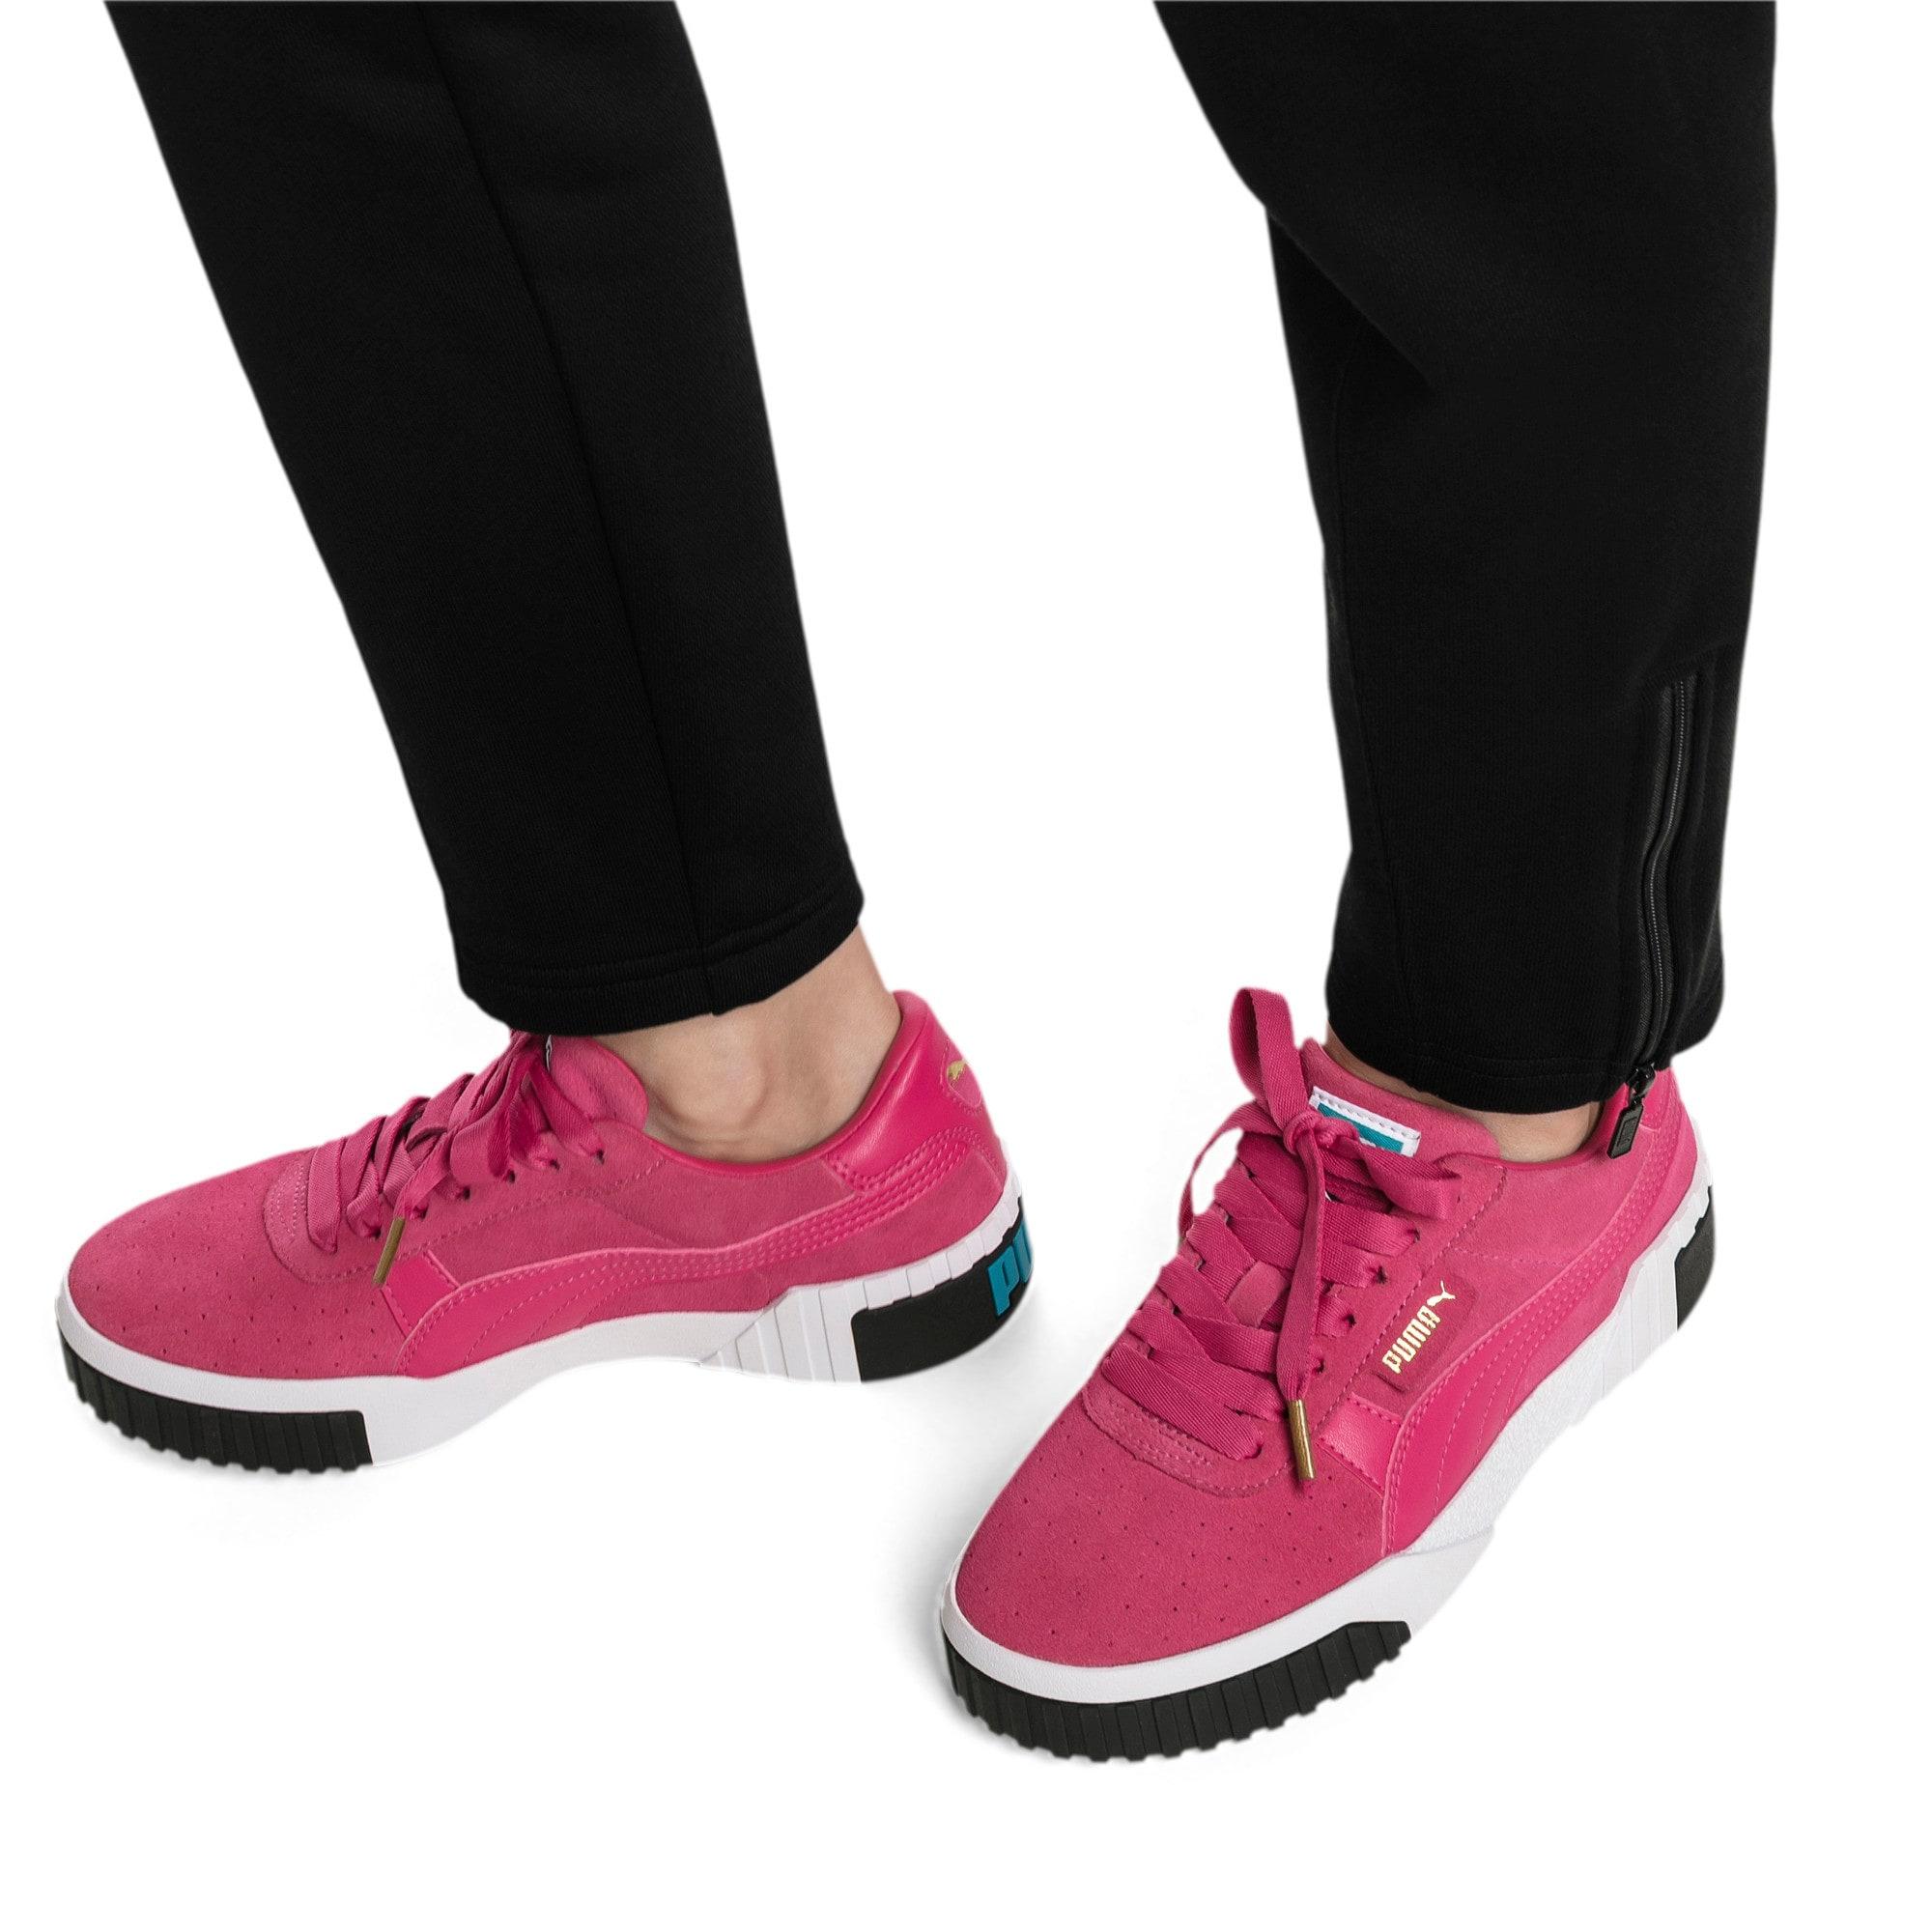 Miniatura 7 de Zapatos deportivos Cali Suede de mujer, Fuchsia Purple, mediano